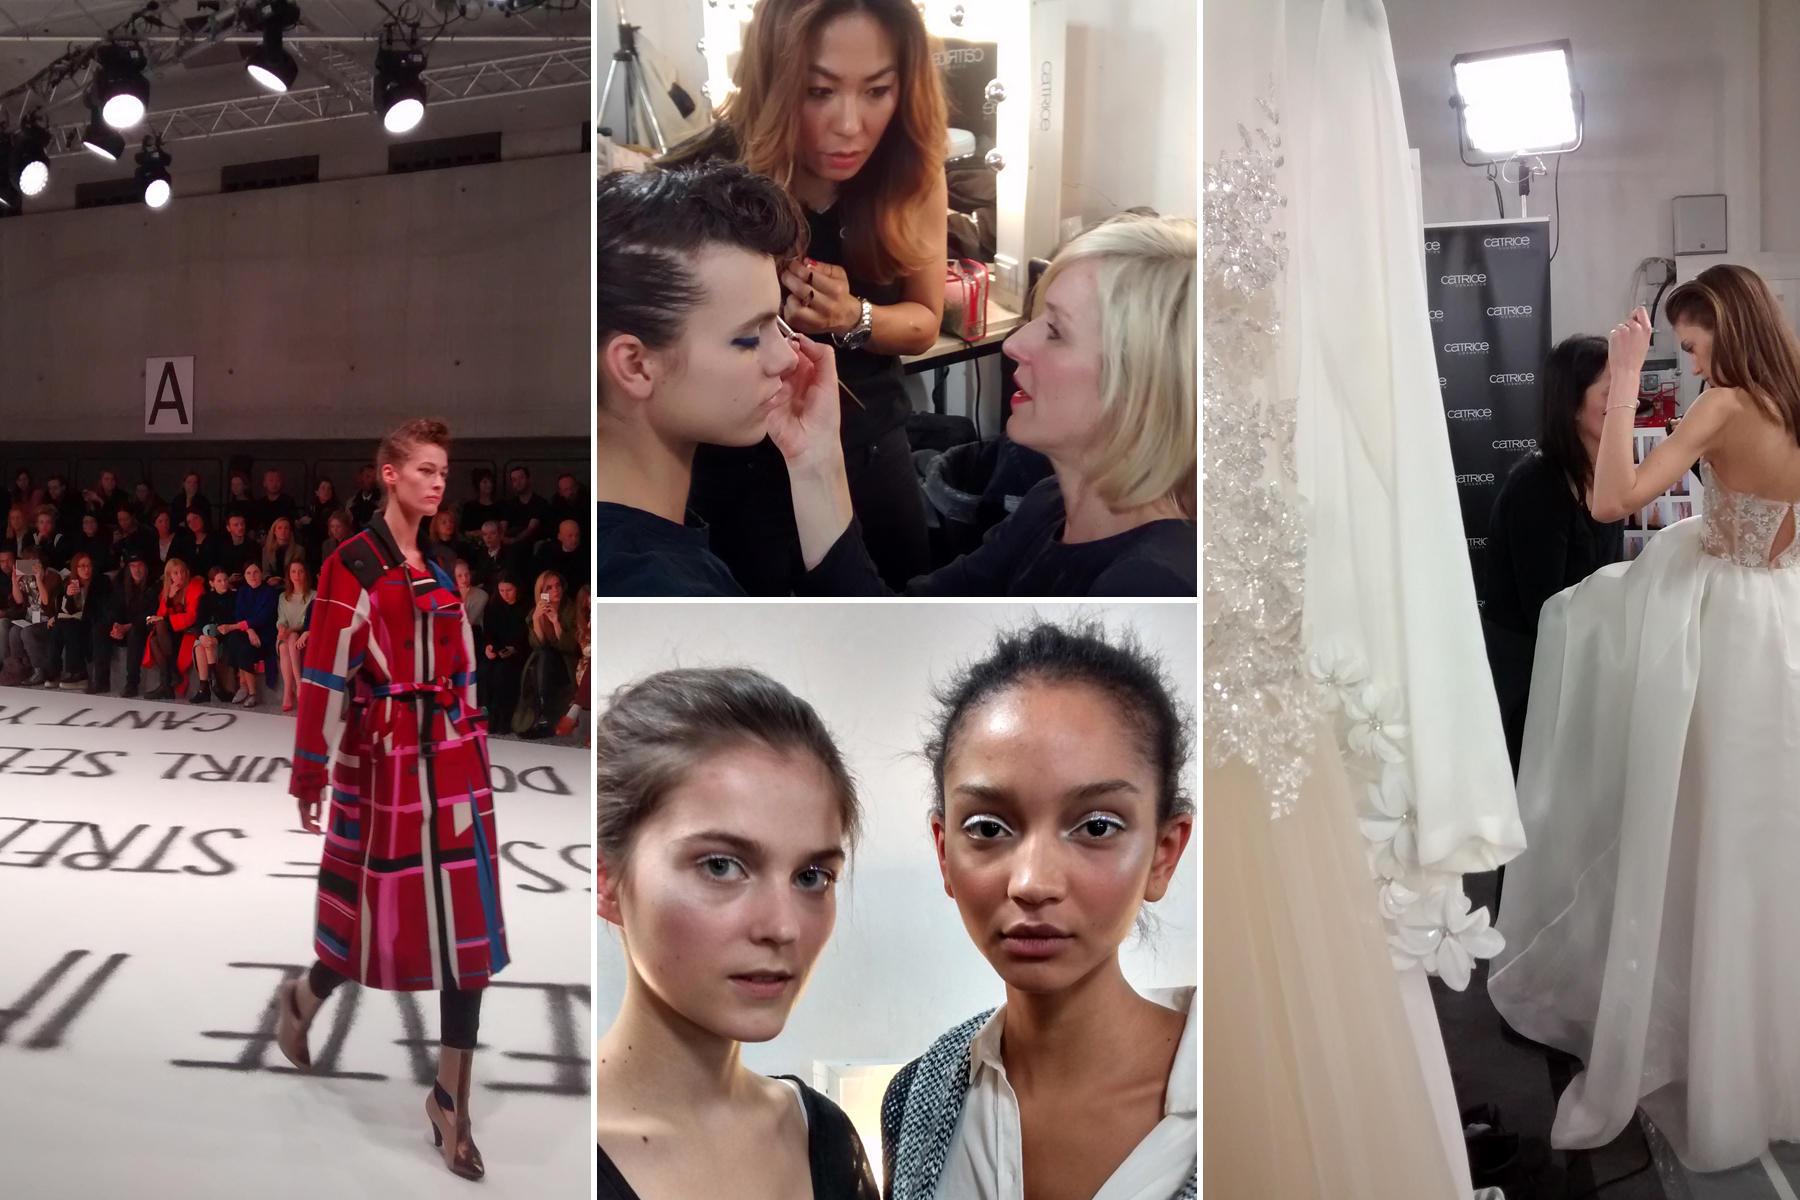 Visagistin Loni Baur kreiert den Make-up-Look mit Produkten von Catrice für die Schauen von Capara (links im Bild) und Kaviar Gauche (rechts im Bild) im Palazzo Italia während der Mercedes-Benz Fashion Week in Berlin.